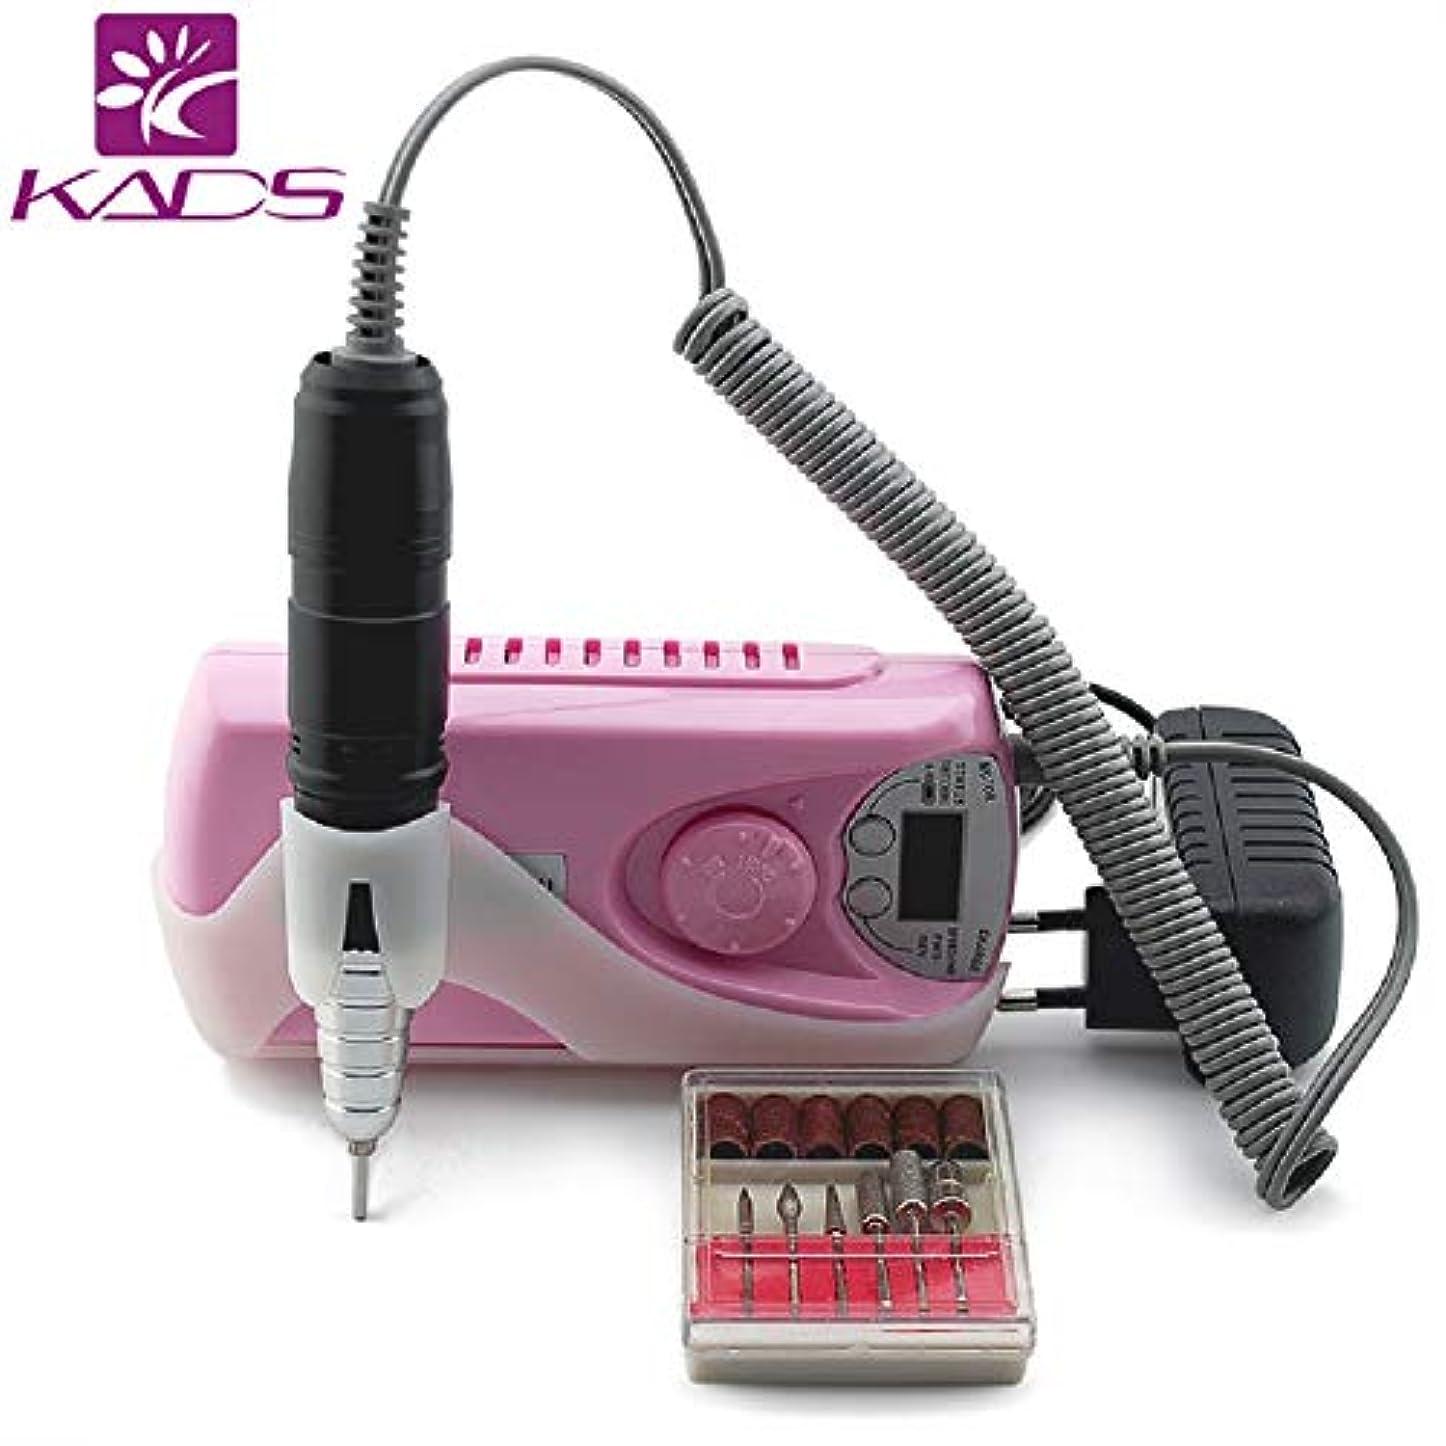 ガラガラエスカレーター立証するKADSサロン電動マシン 電気ネイルマシン ネイルアート機器 ドリルマシン 角質除去 甘皮処理